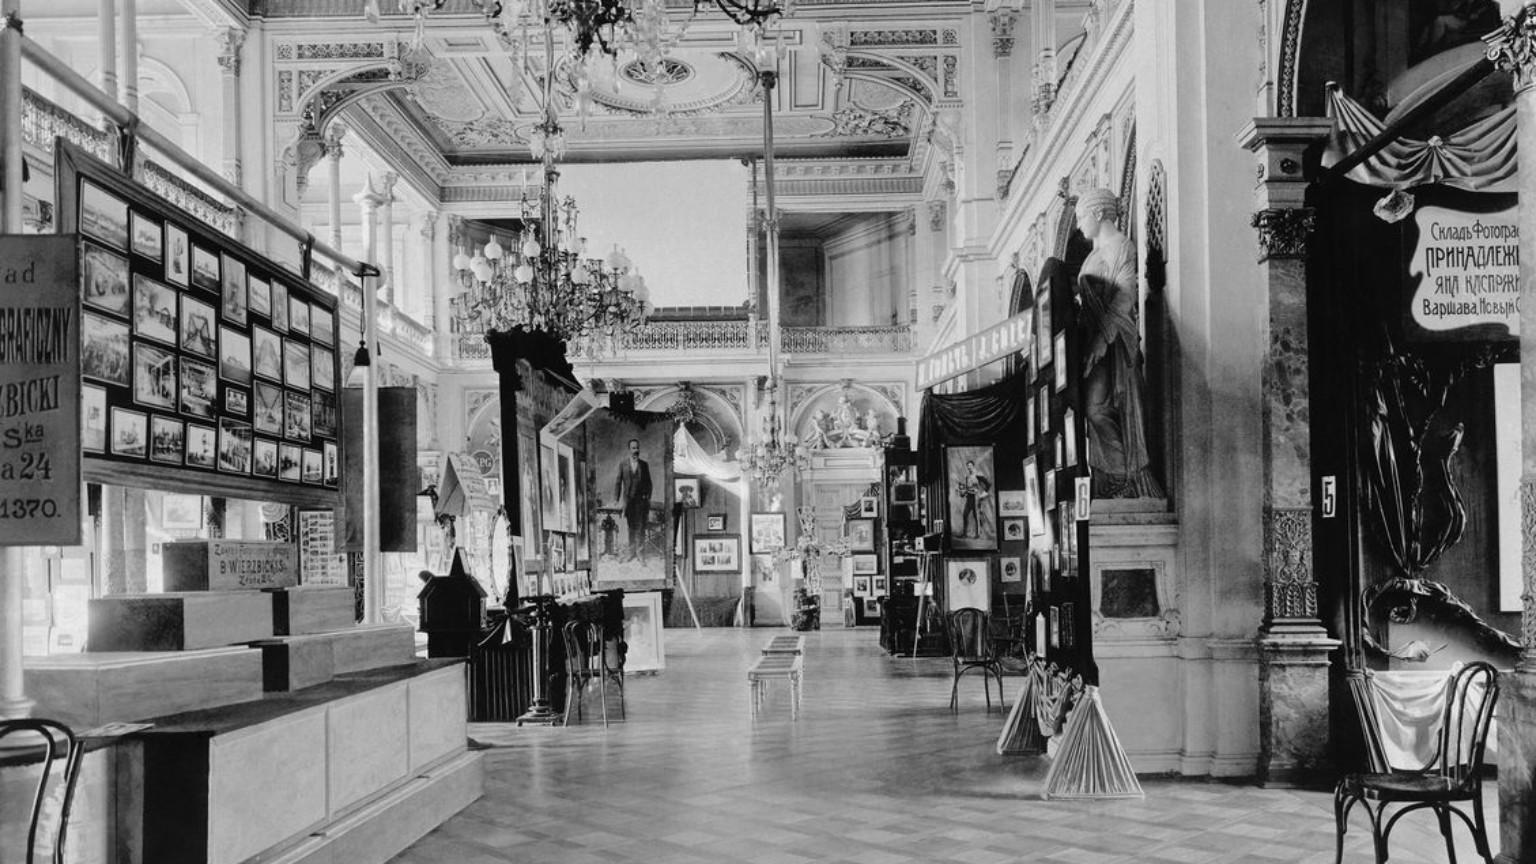 Zdjęcie dla kartki: Pierwsza wystawa fotograficzna w Warszawie